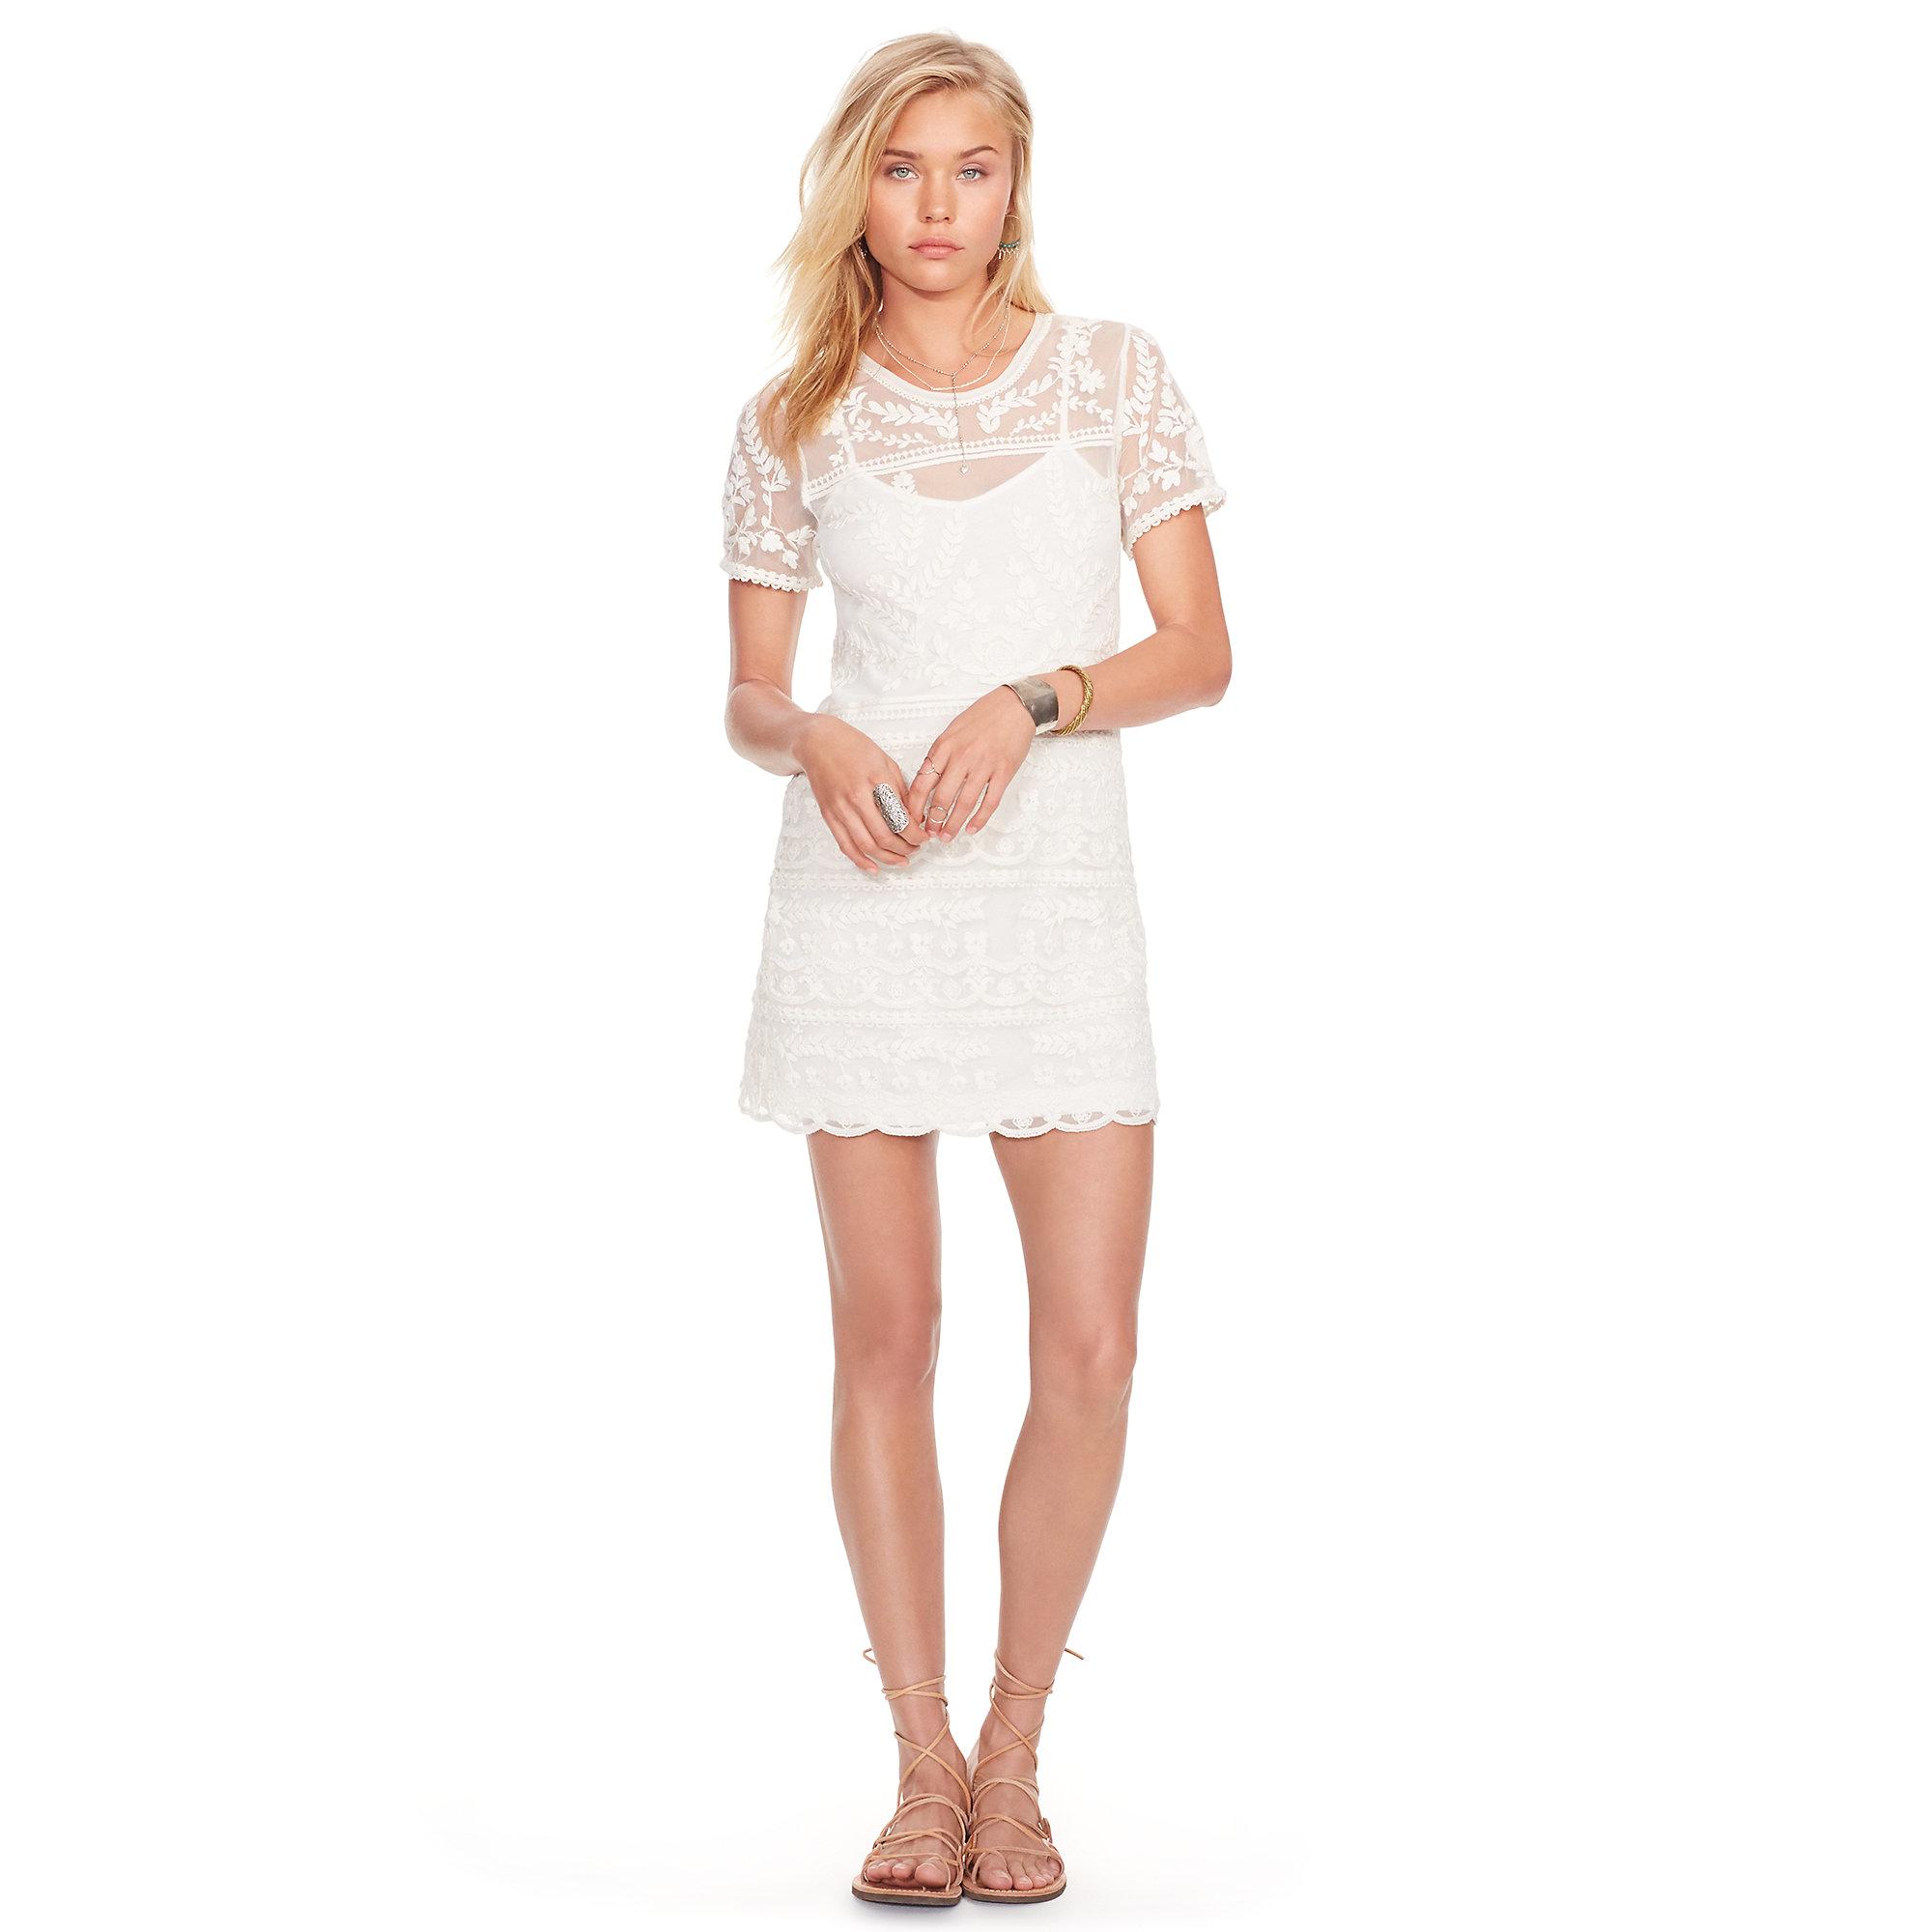 gute Qualitäts Damen Kleider - Antique Cream - Denim & Supply Ralph Lauren  Embroidered Tulle V-Back Dress Qualitätssicherung